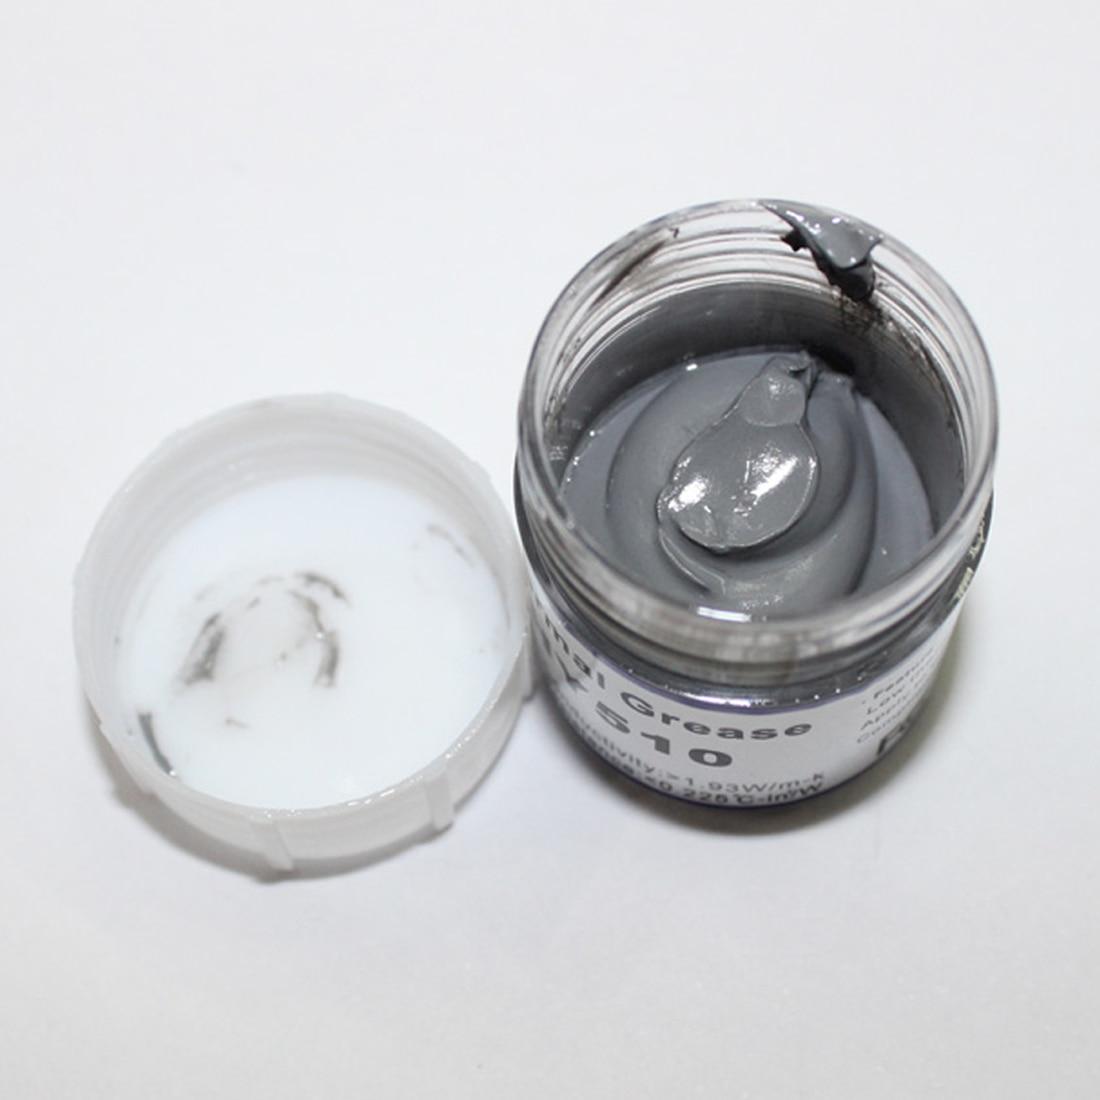 Silver Senyawa Termal Konduktif Mengoles Pasta Untuk Pendingin Cpu Processor 1 Compound Silikon